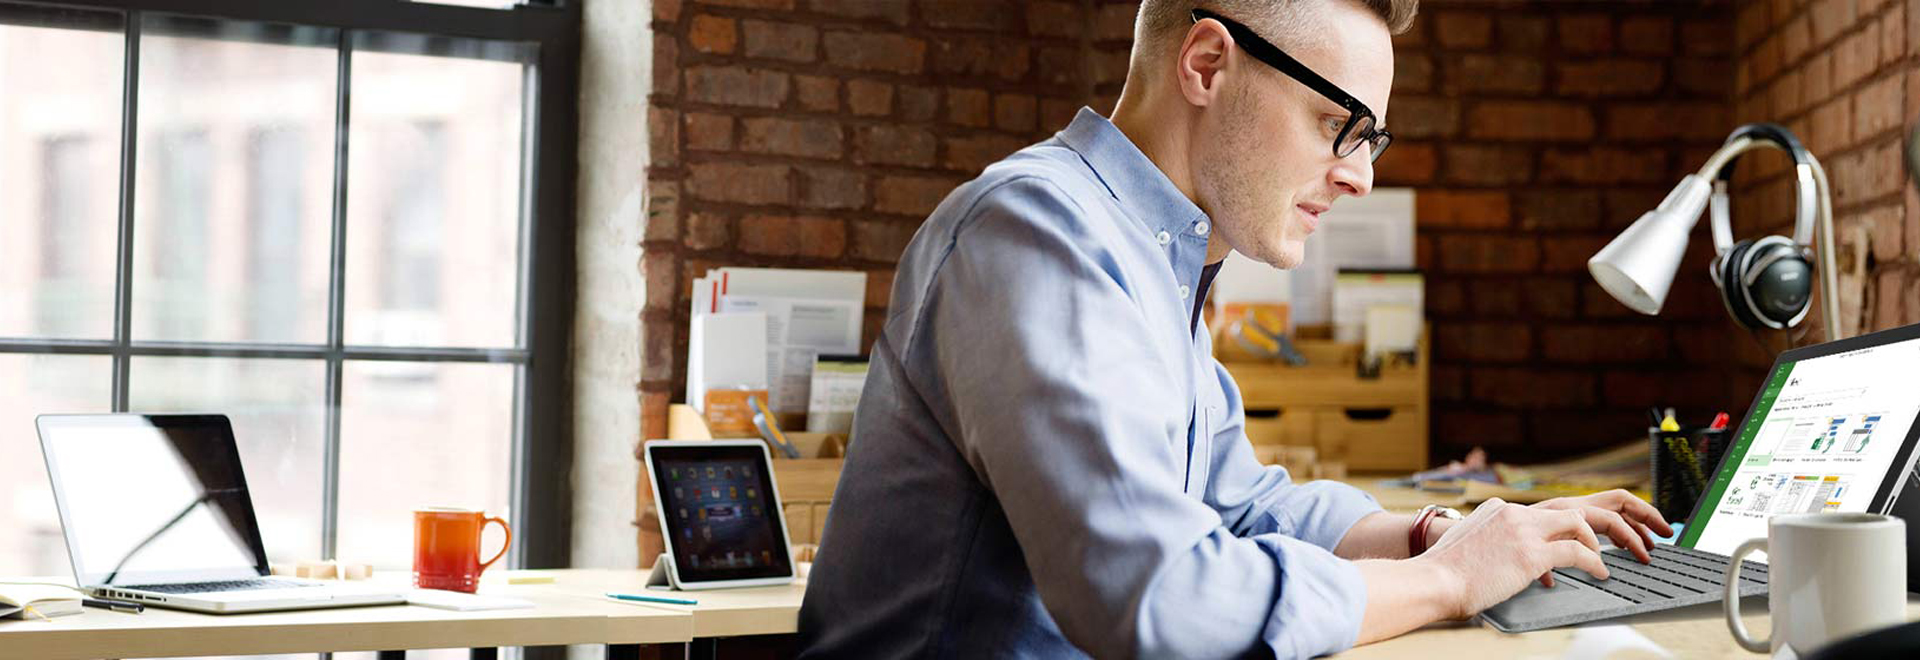 Microsoft Project का उपयोग करके किसी डेस्क पर बैठा हुआ और Surface टैबलेट पर कार्य कर रहा व्यक्ति।